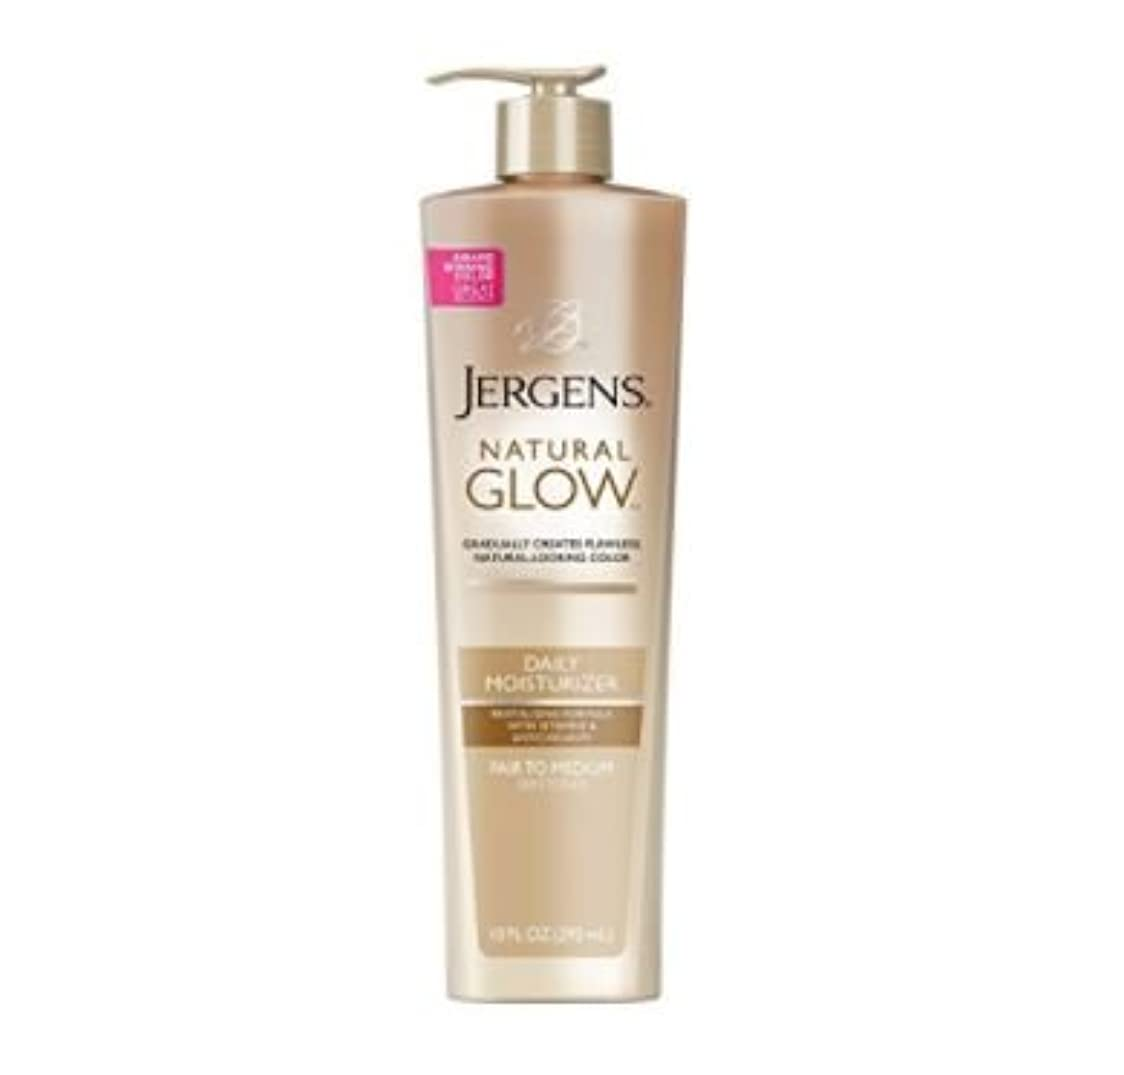 一メンタリティあいさつジャーゲンス【ポンプ付き295ml】塗るだけでキレイなブロンズ肌 セルフタンニングローション Jergens Natural Glow ジャーゲンズ (Medium/Tan 普通肌の方用) 海外直送